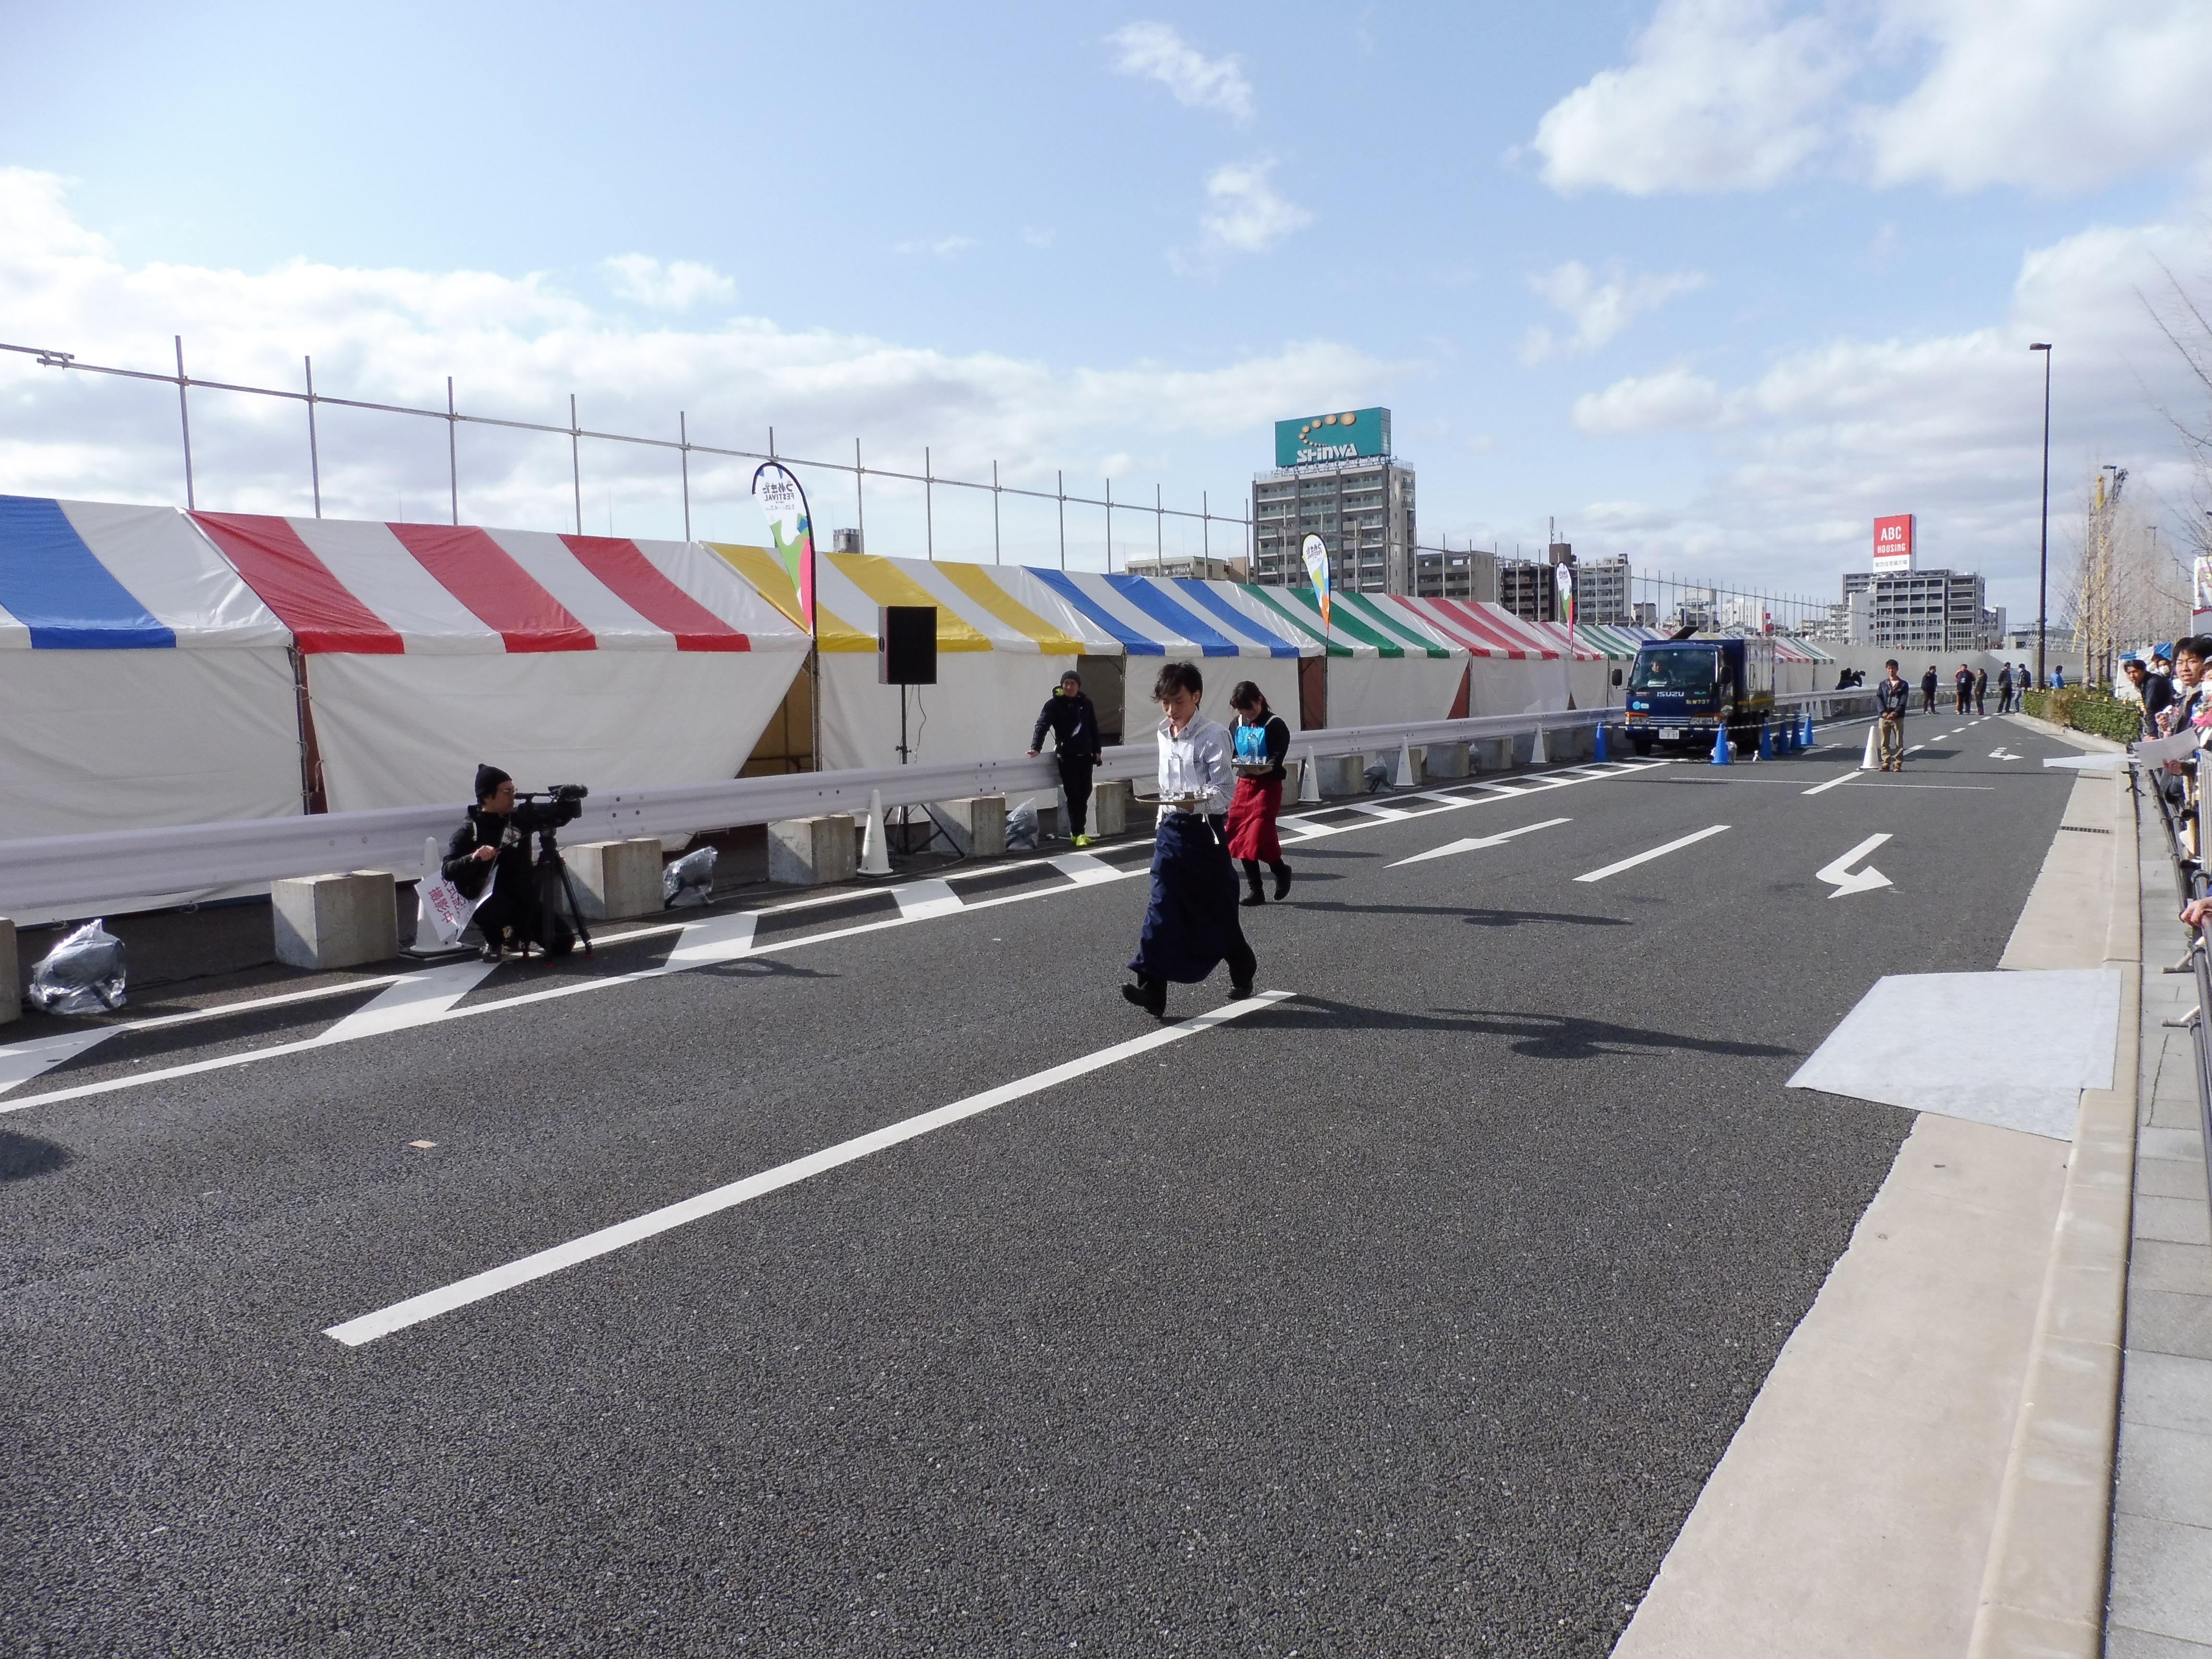 グランフロント大阪の飲食店の従業員が軽やかなサーブを競う「ウェイターズレース」。